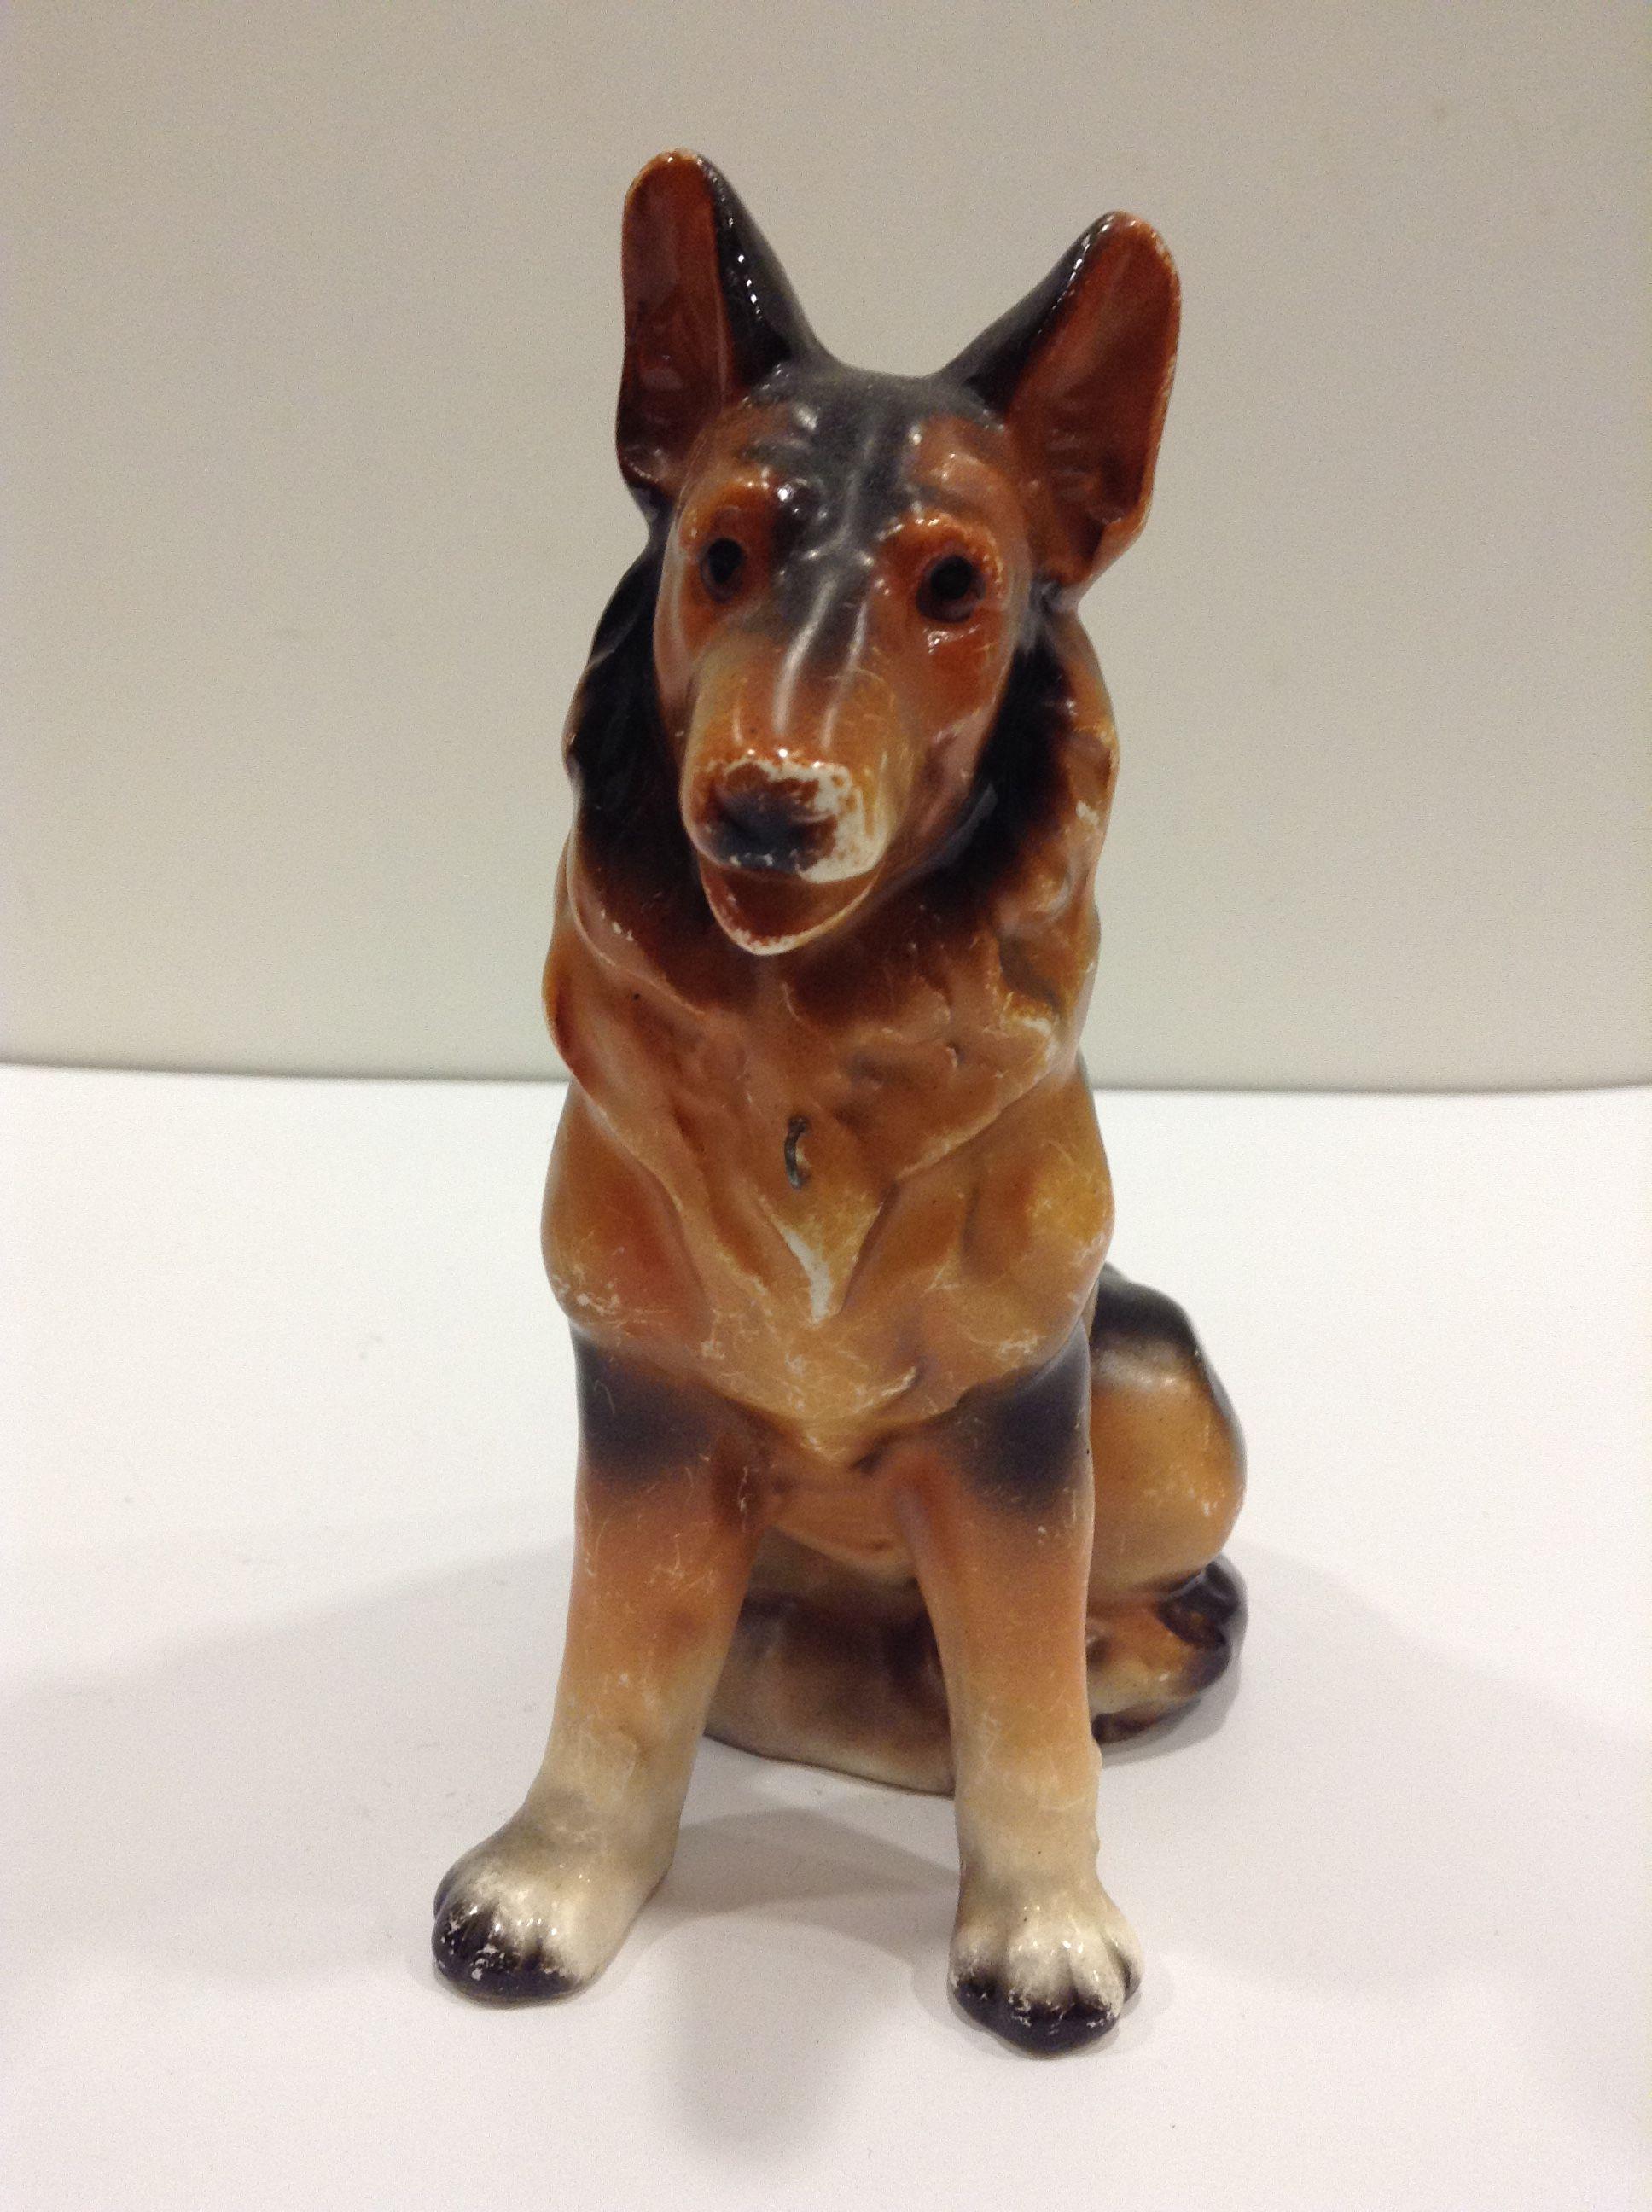 Vintage dog figurine